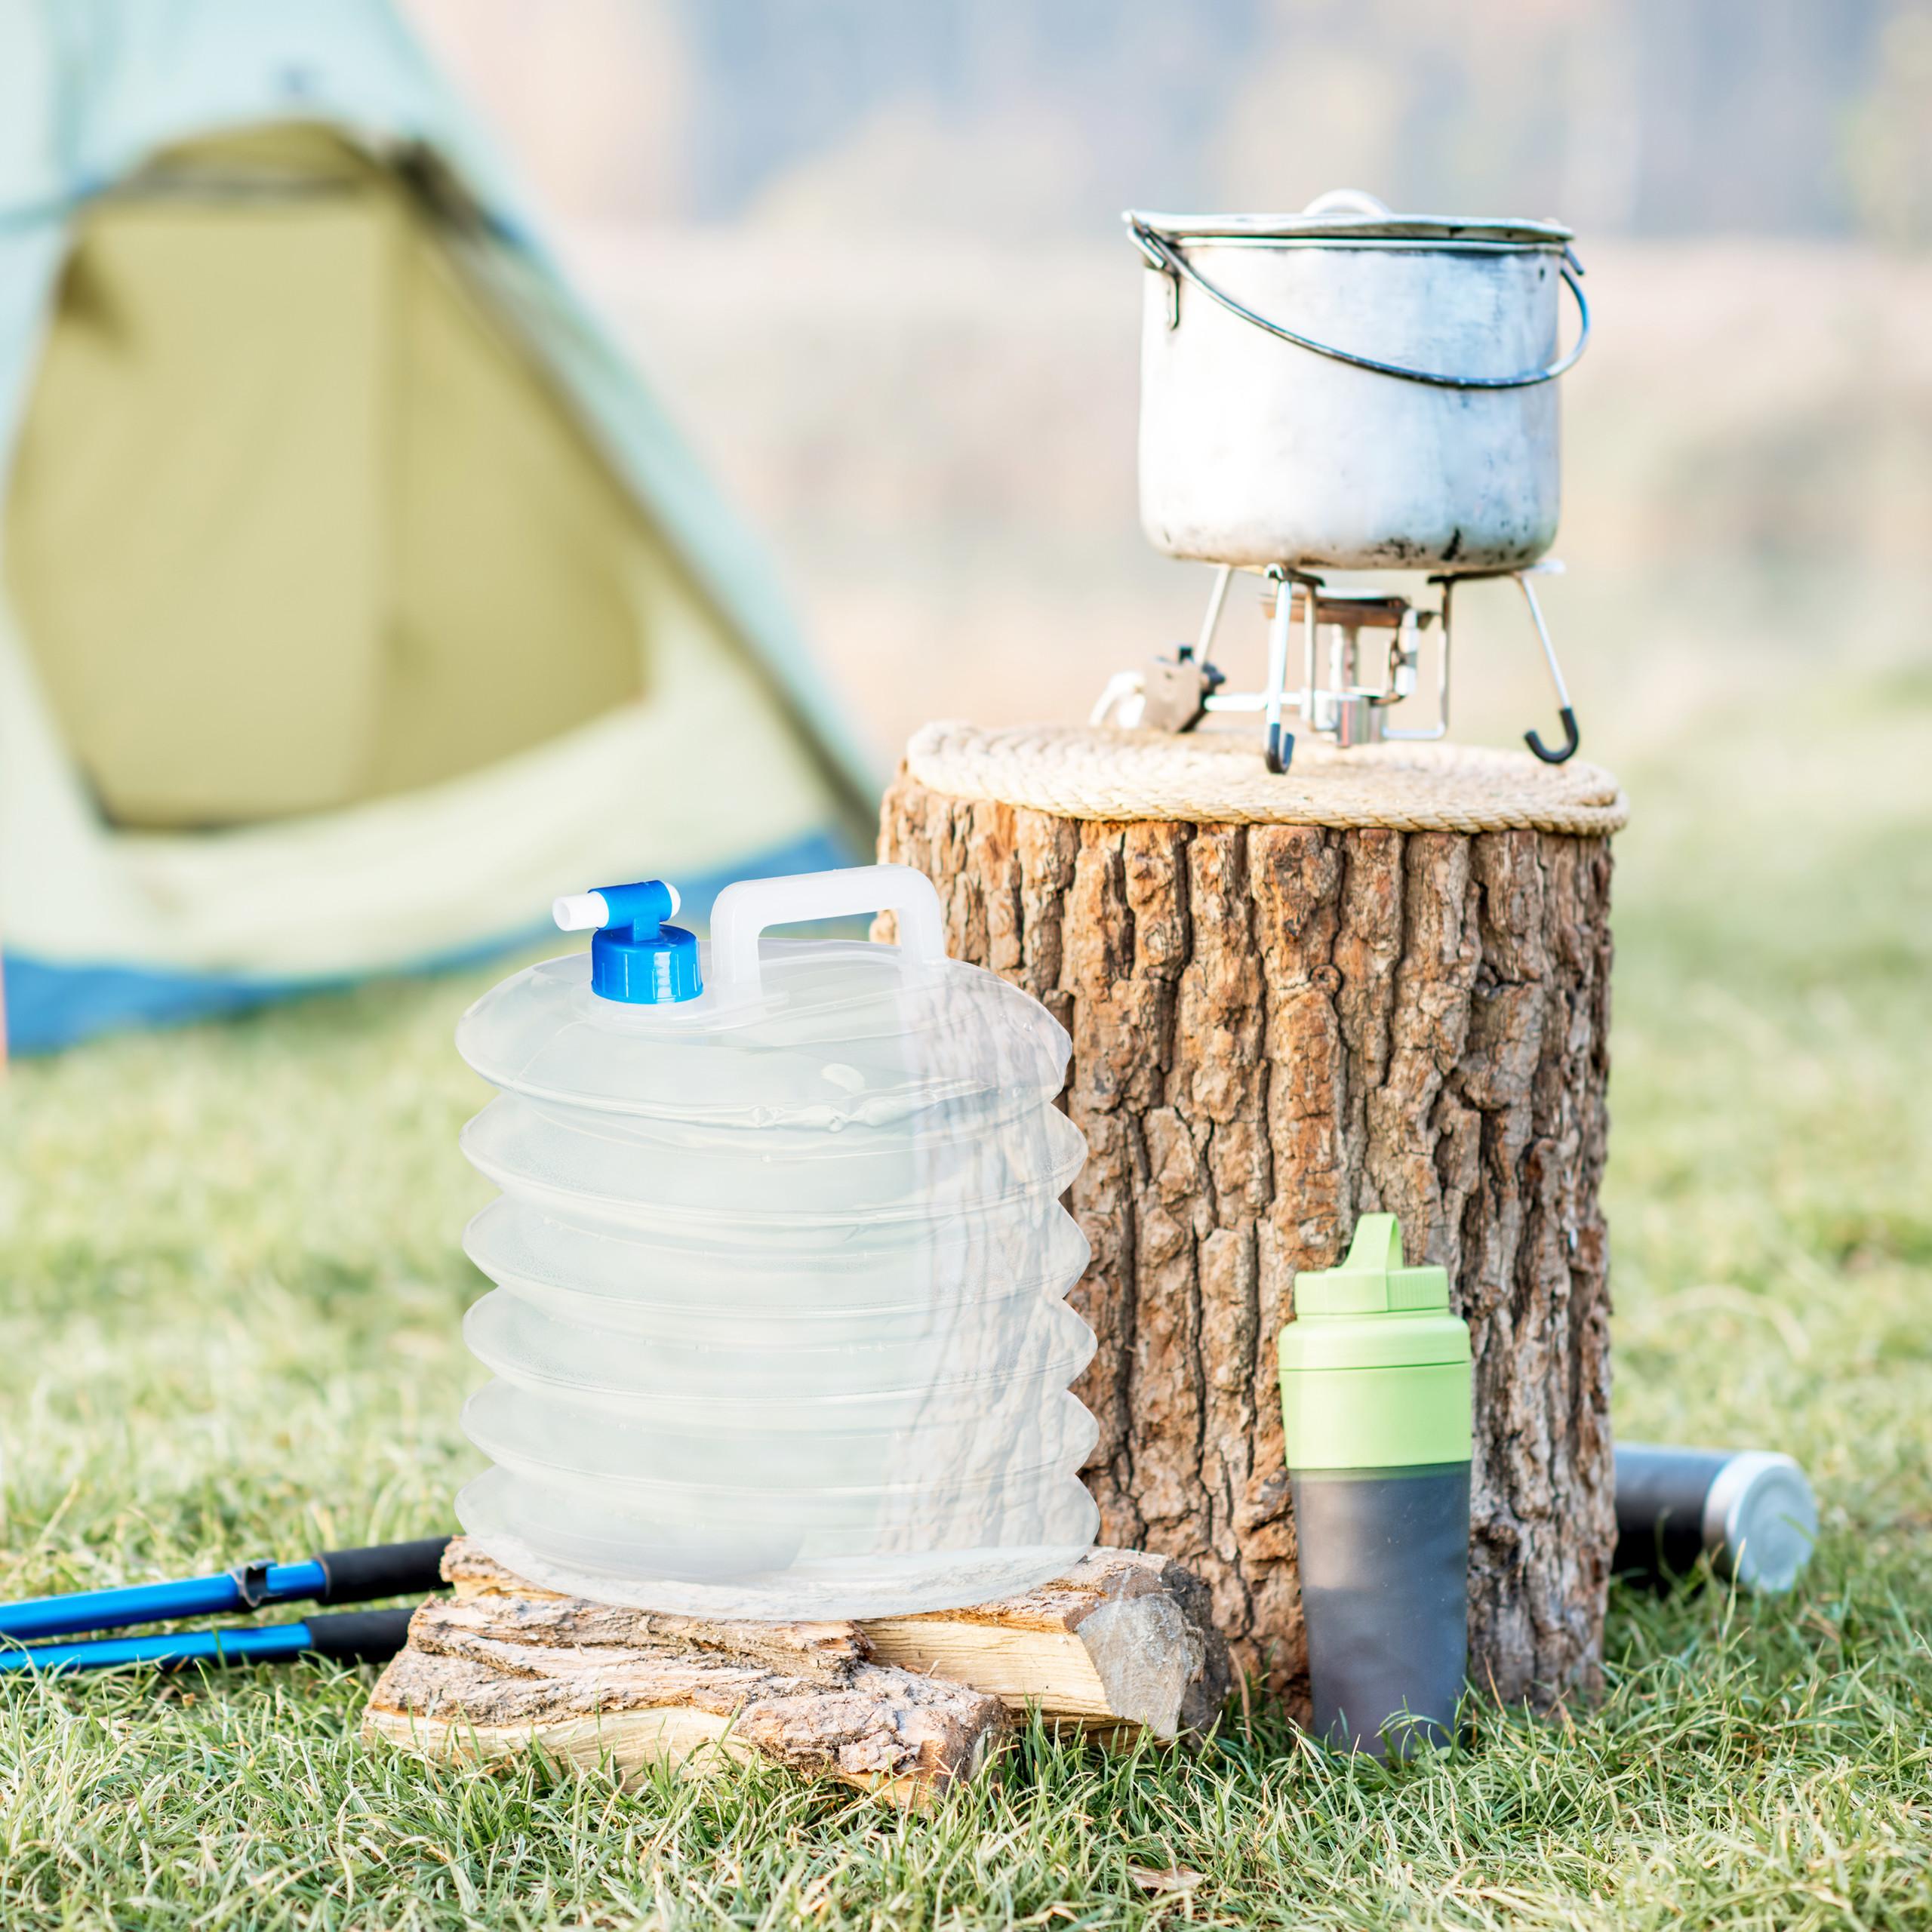 Indexbild 14 - Wasserkanister faltbar 4er Set Faltkanister Camping Trinkwasserkanister BPA frei